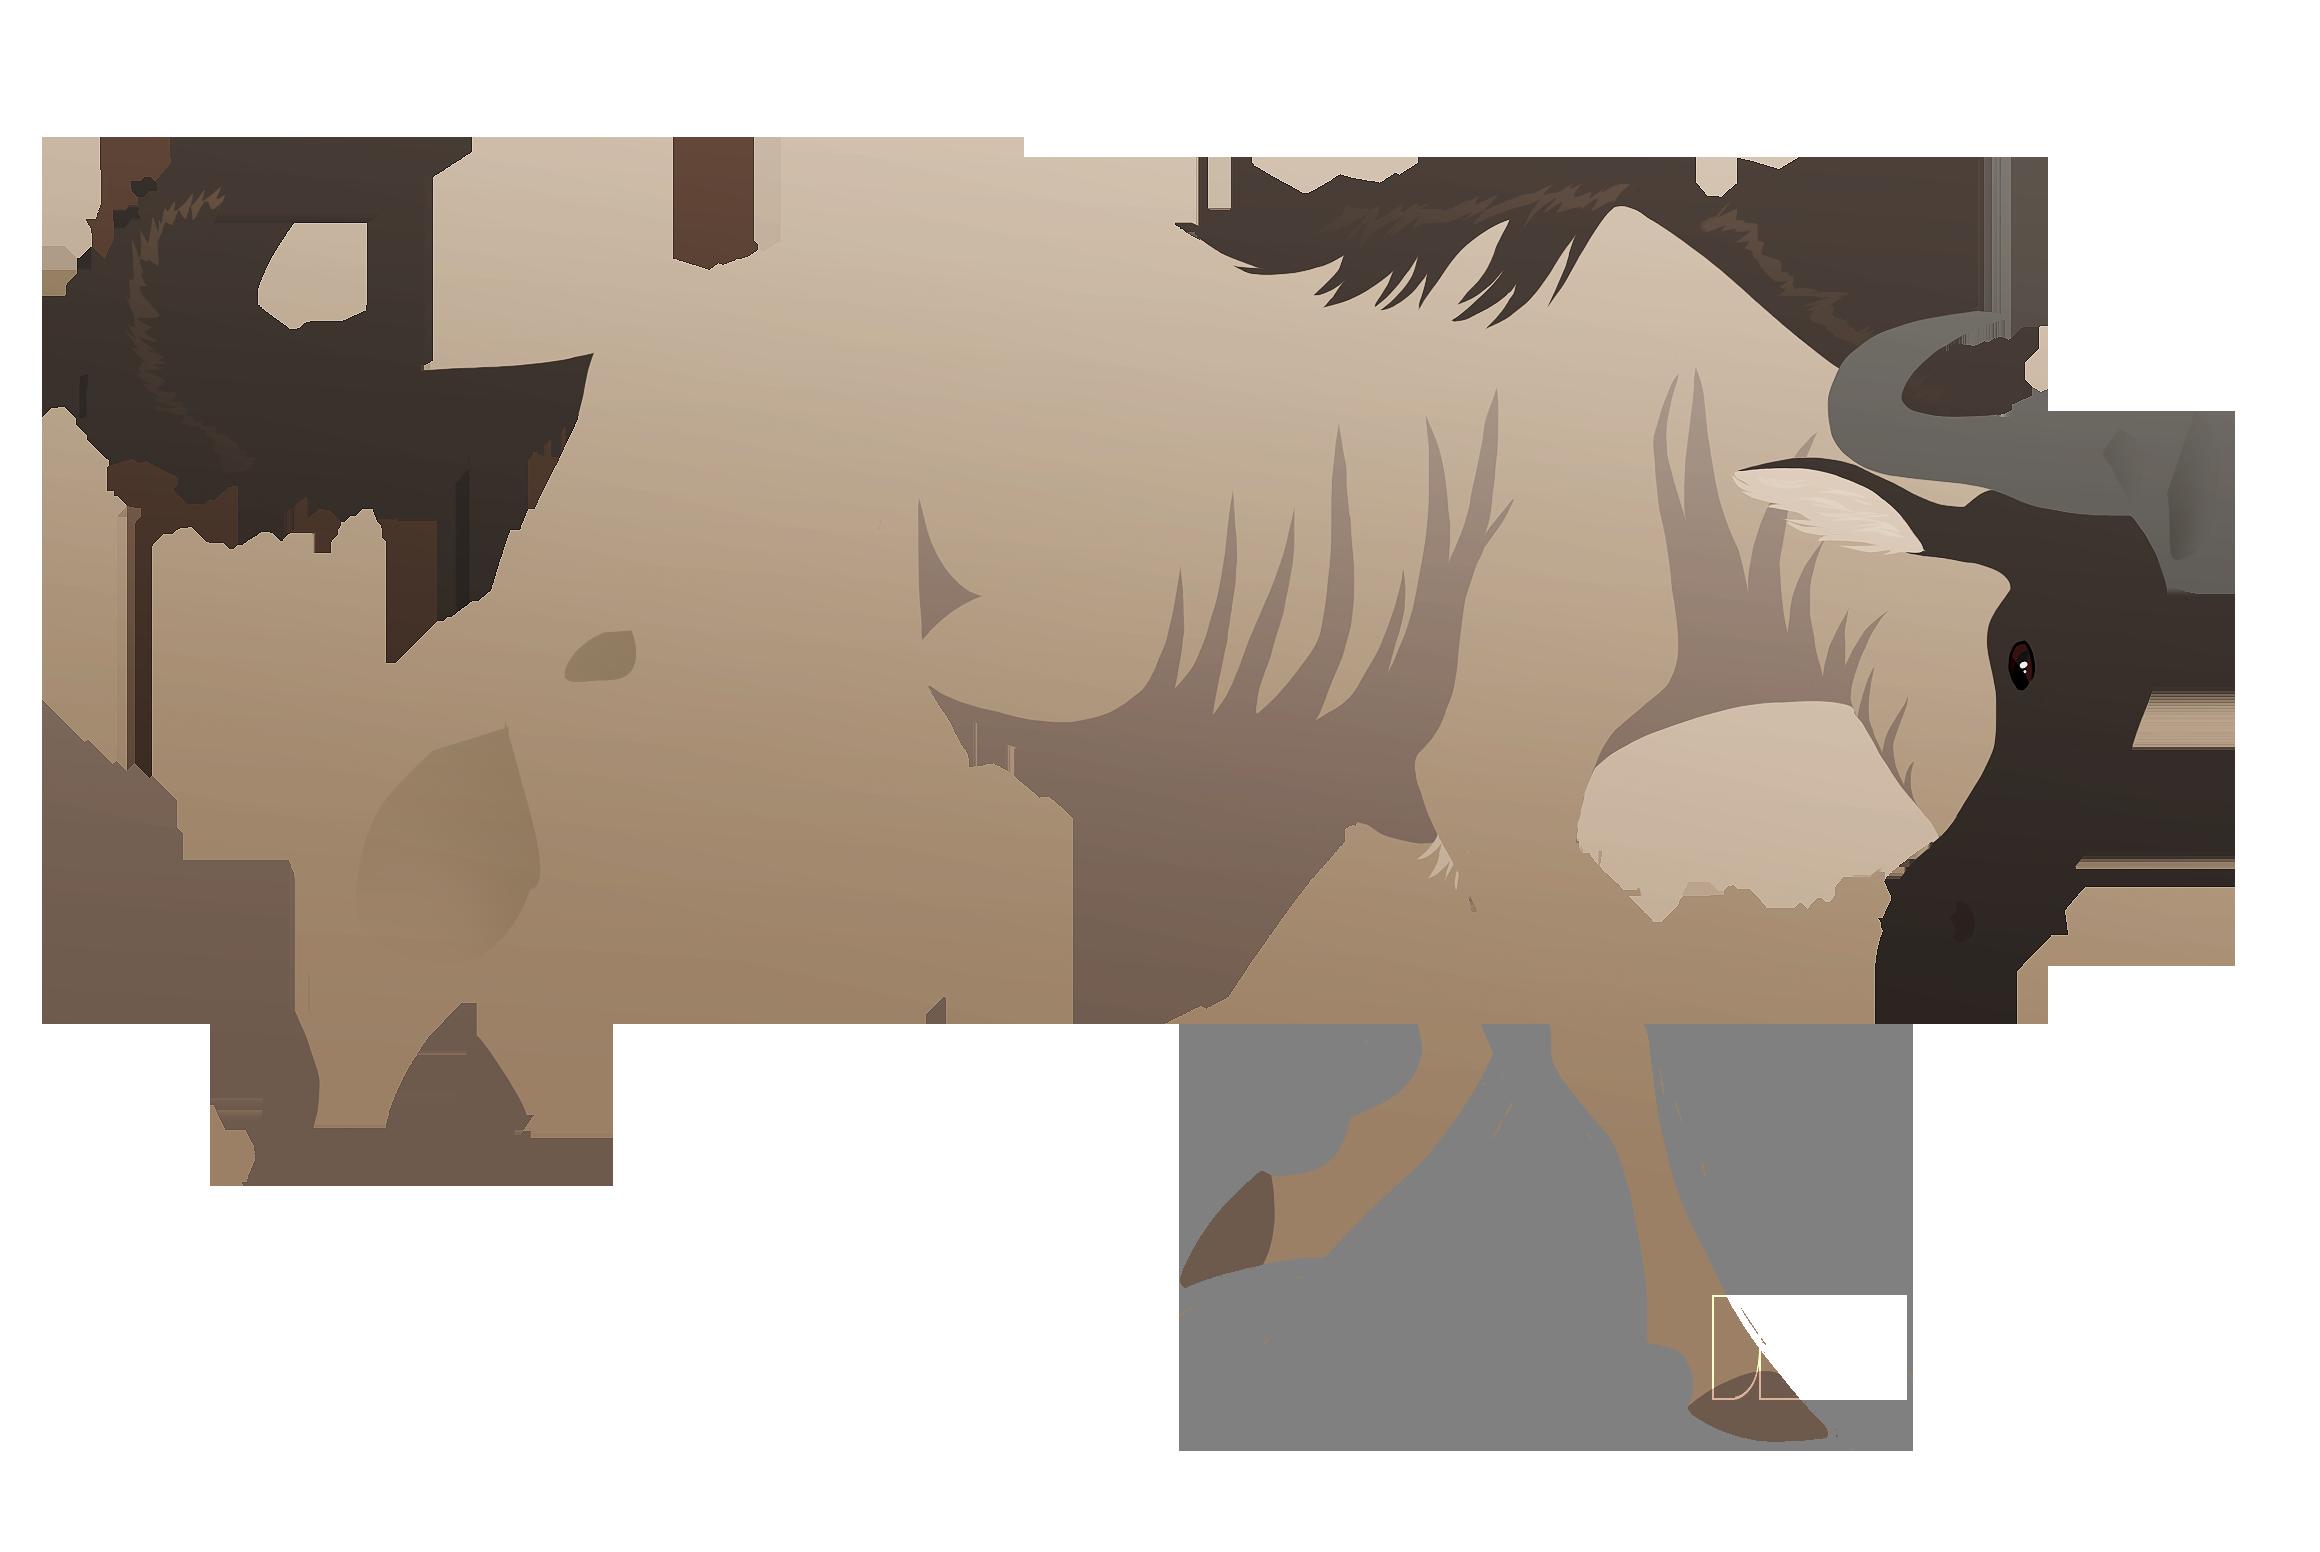 2320x1552 Wildebeest Weasyl